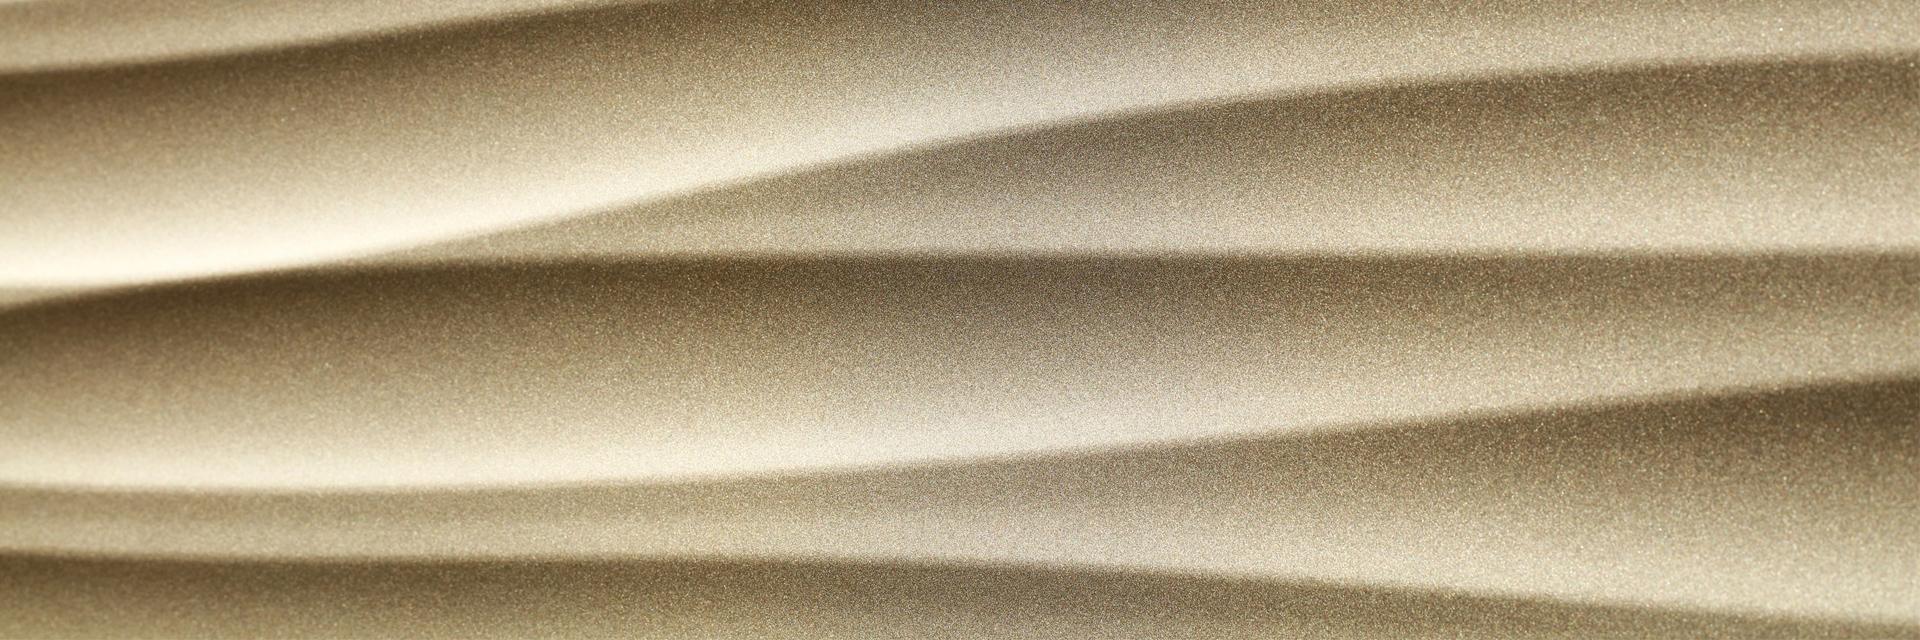 Duraflon eignet sich für die Anwendung auf dreidimensional geformten Bauteilen. Referenz: Rupert Ness Schulzentrum Ottobeuren